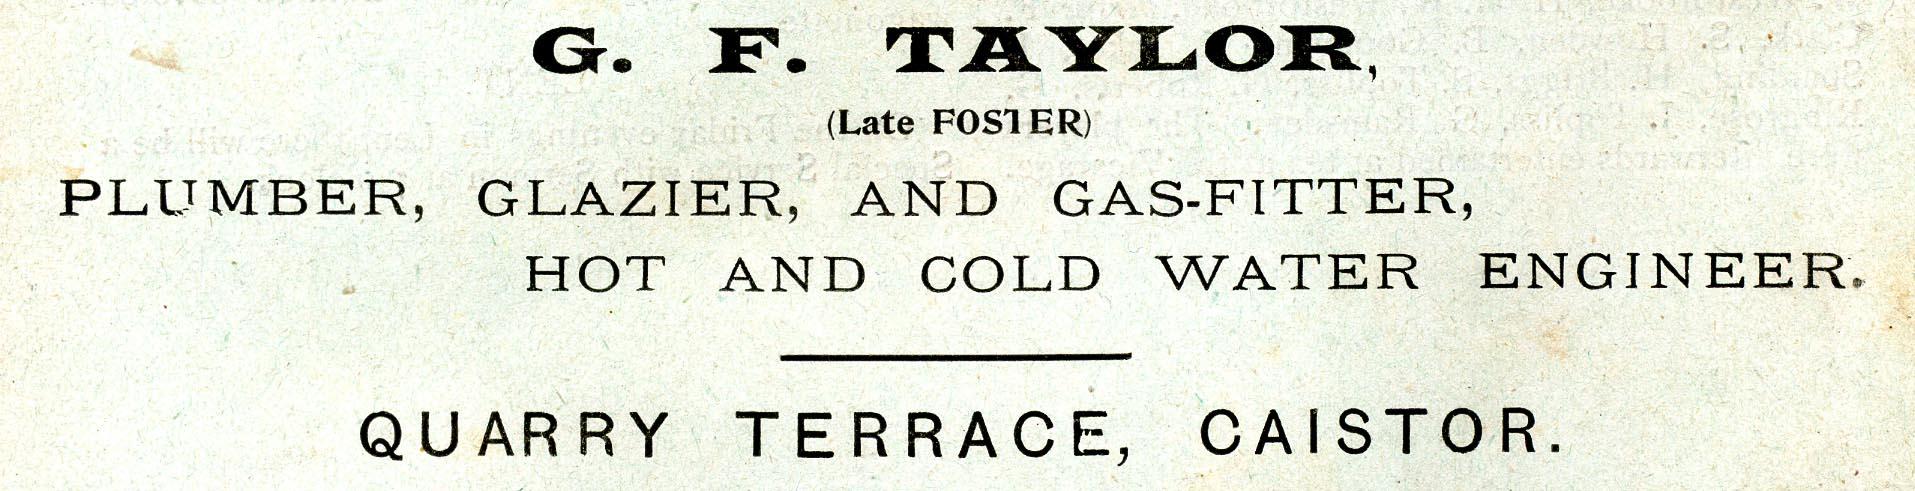 Advert 1904 G F Taylor.jpg